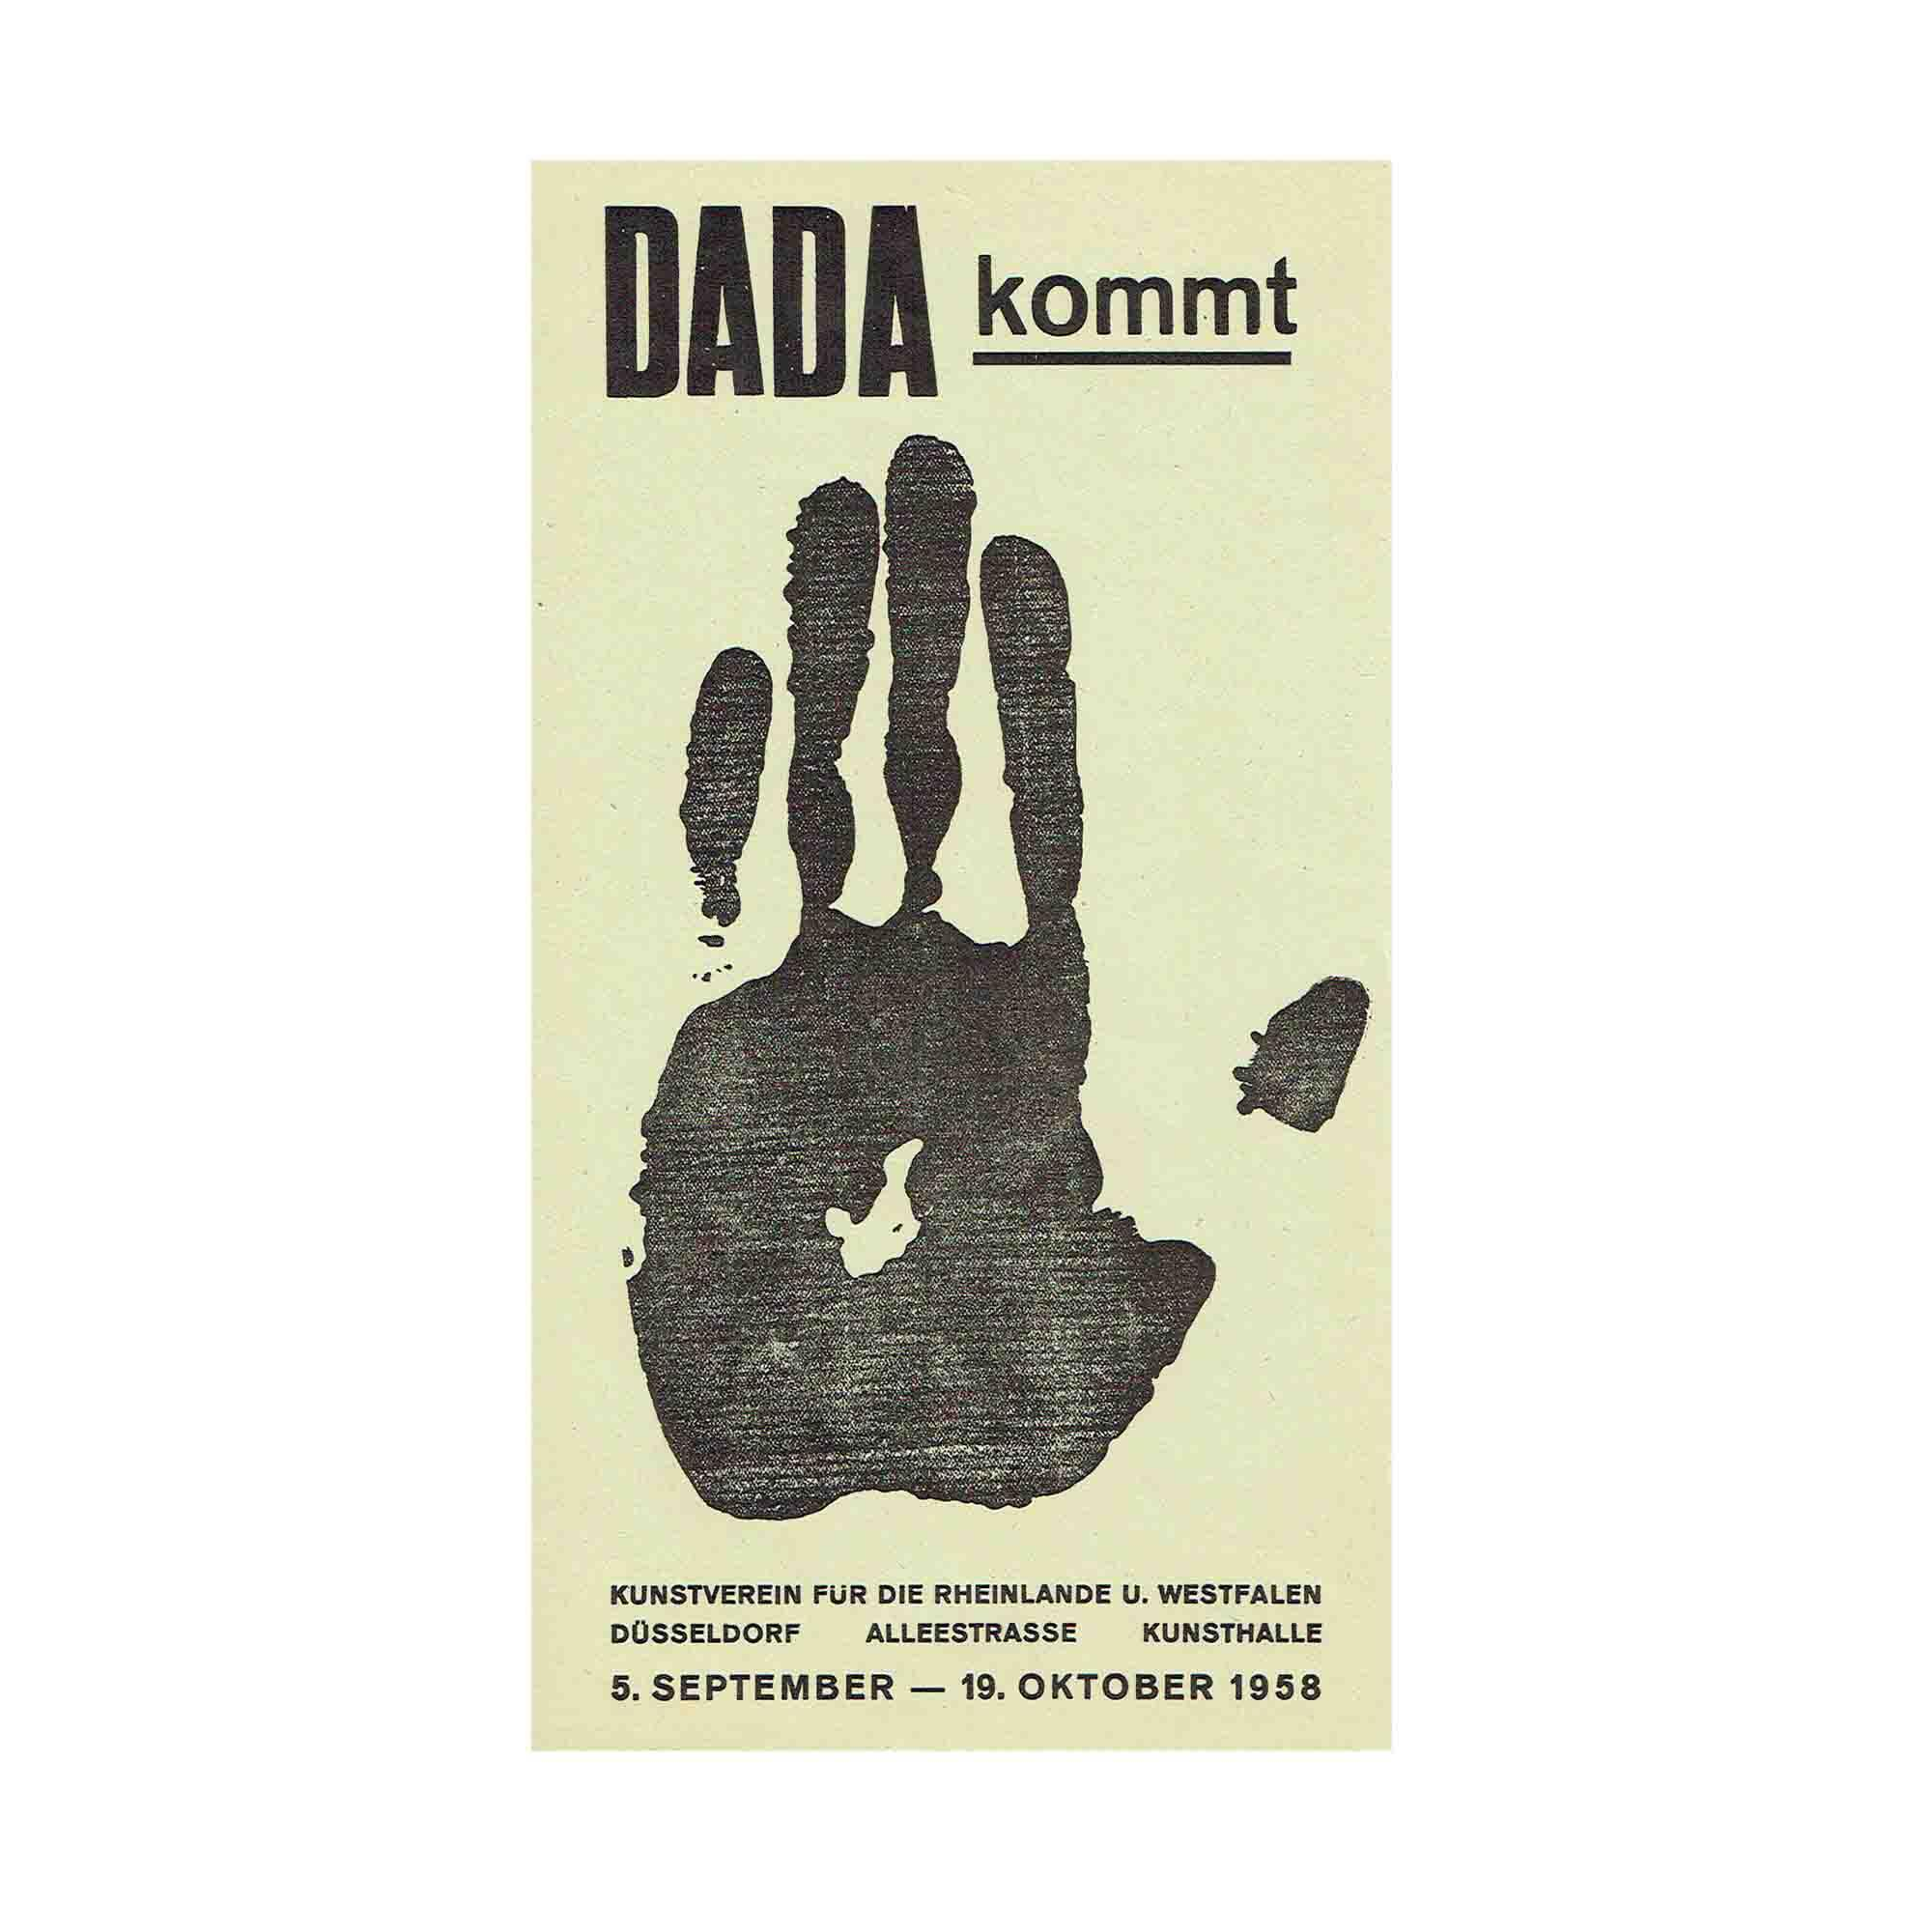 5188 Plakat Ausstellung Dada kommt 1958 gelb N